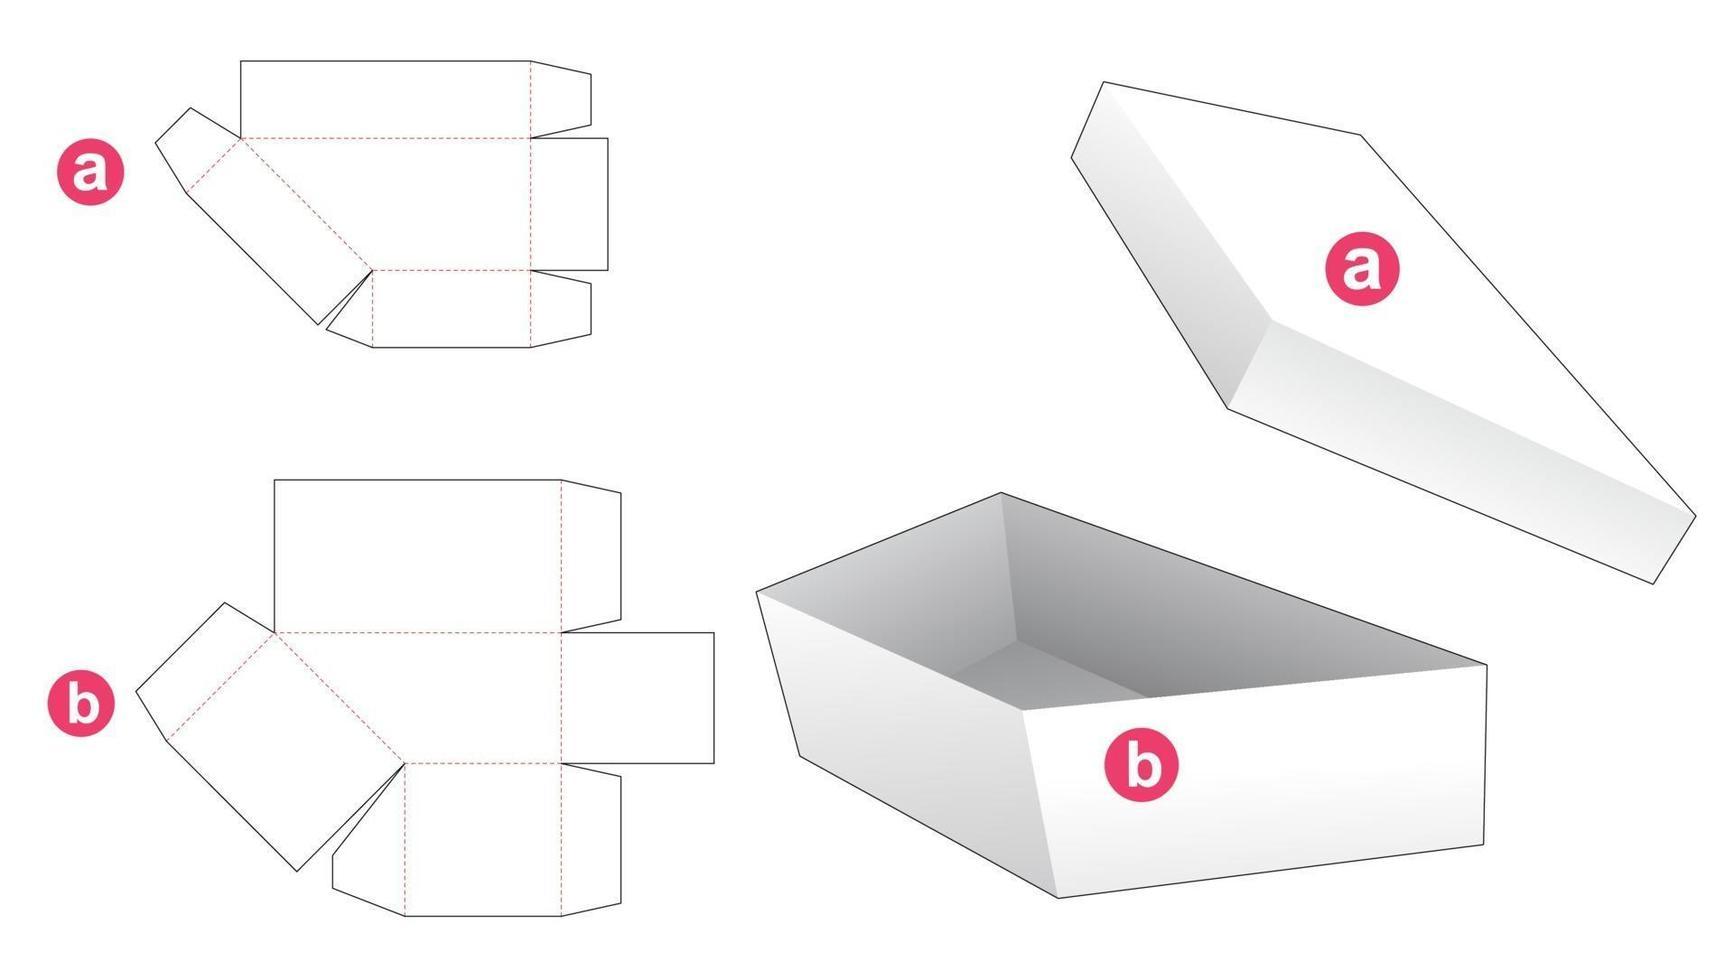 modèle simple de boîte et couvercle en forme de trapèze découpé avec des matrices vecteur